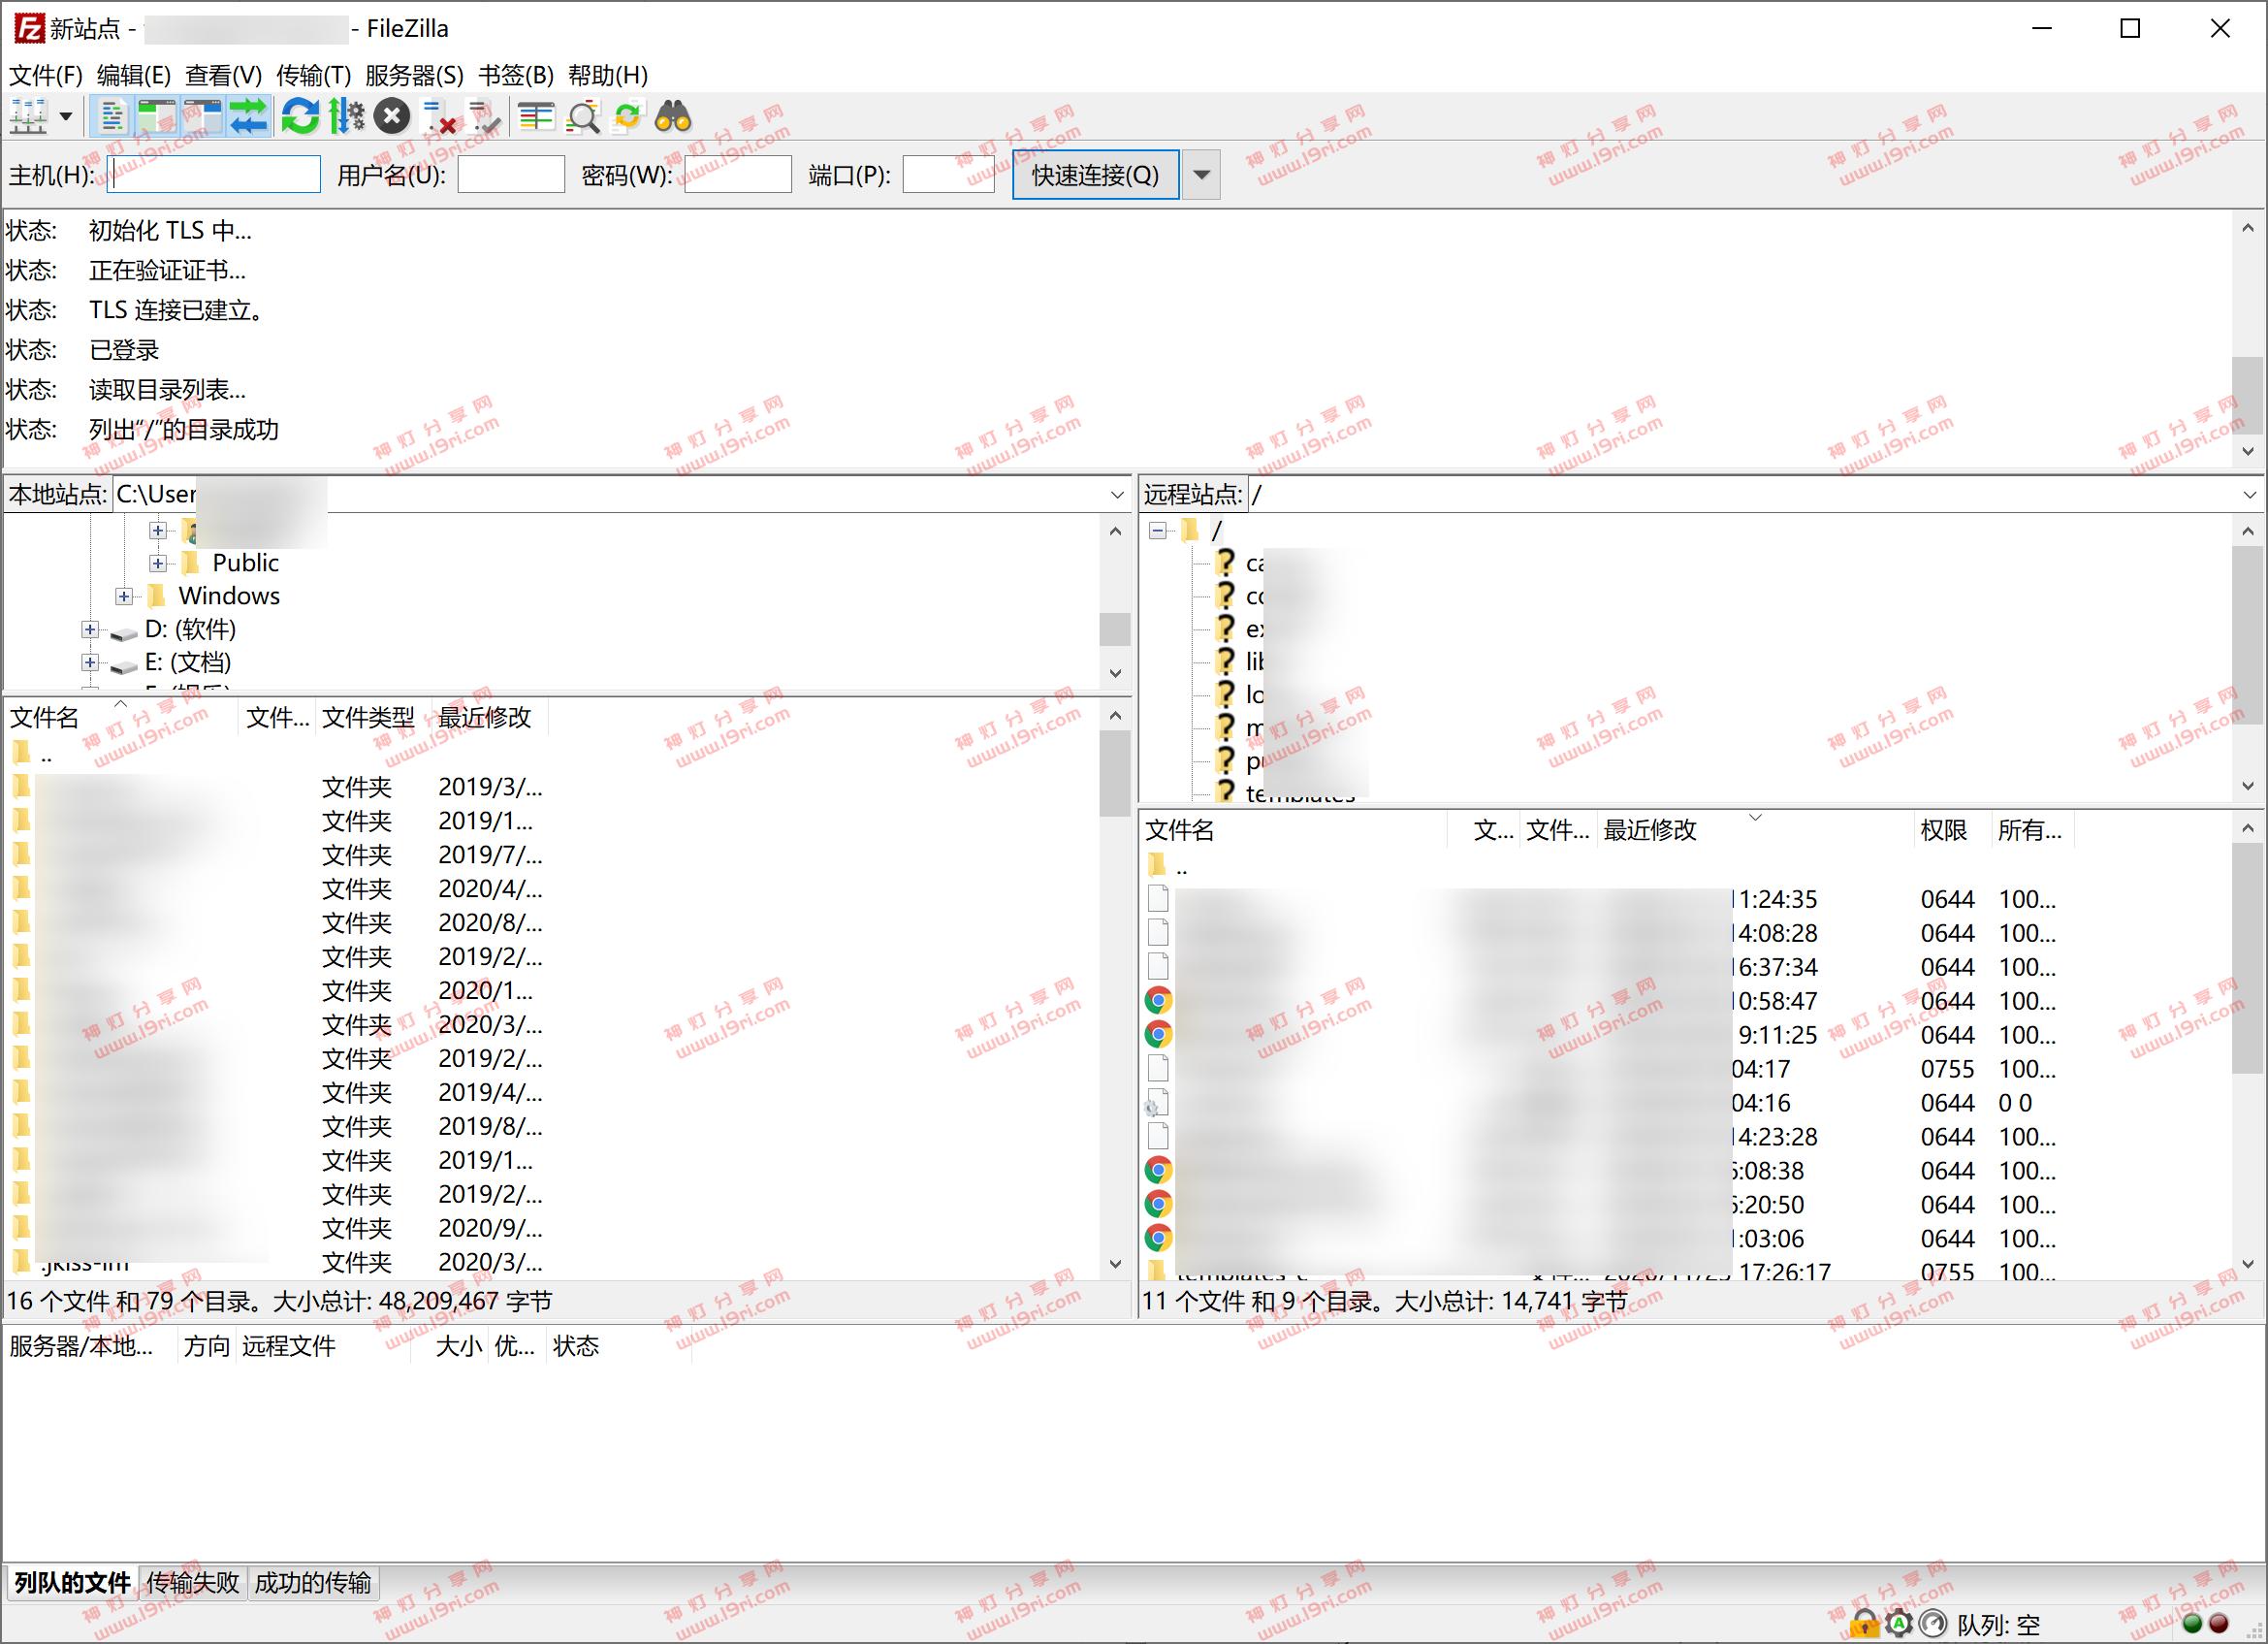 FileZilla FTP客户端